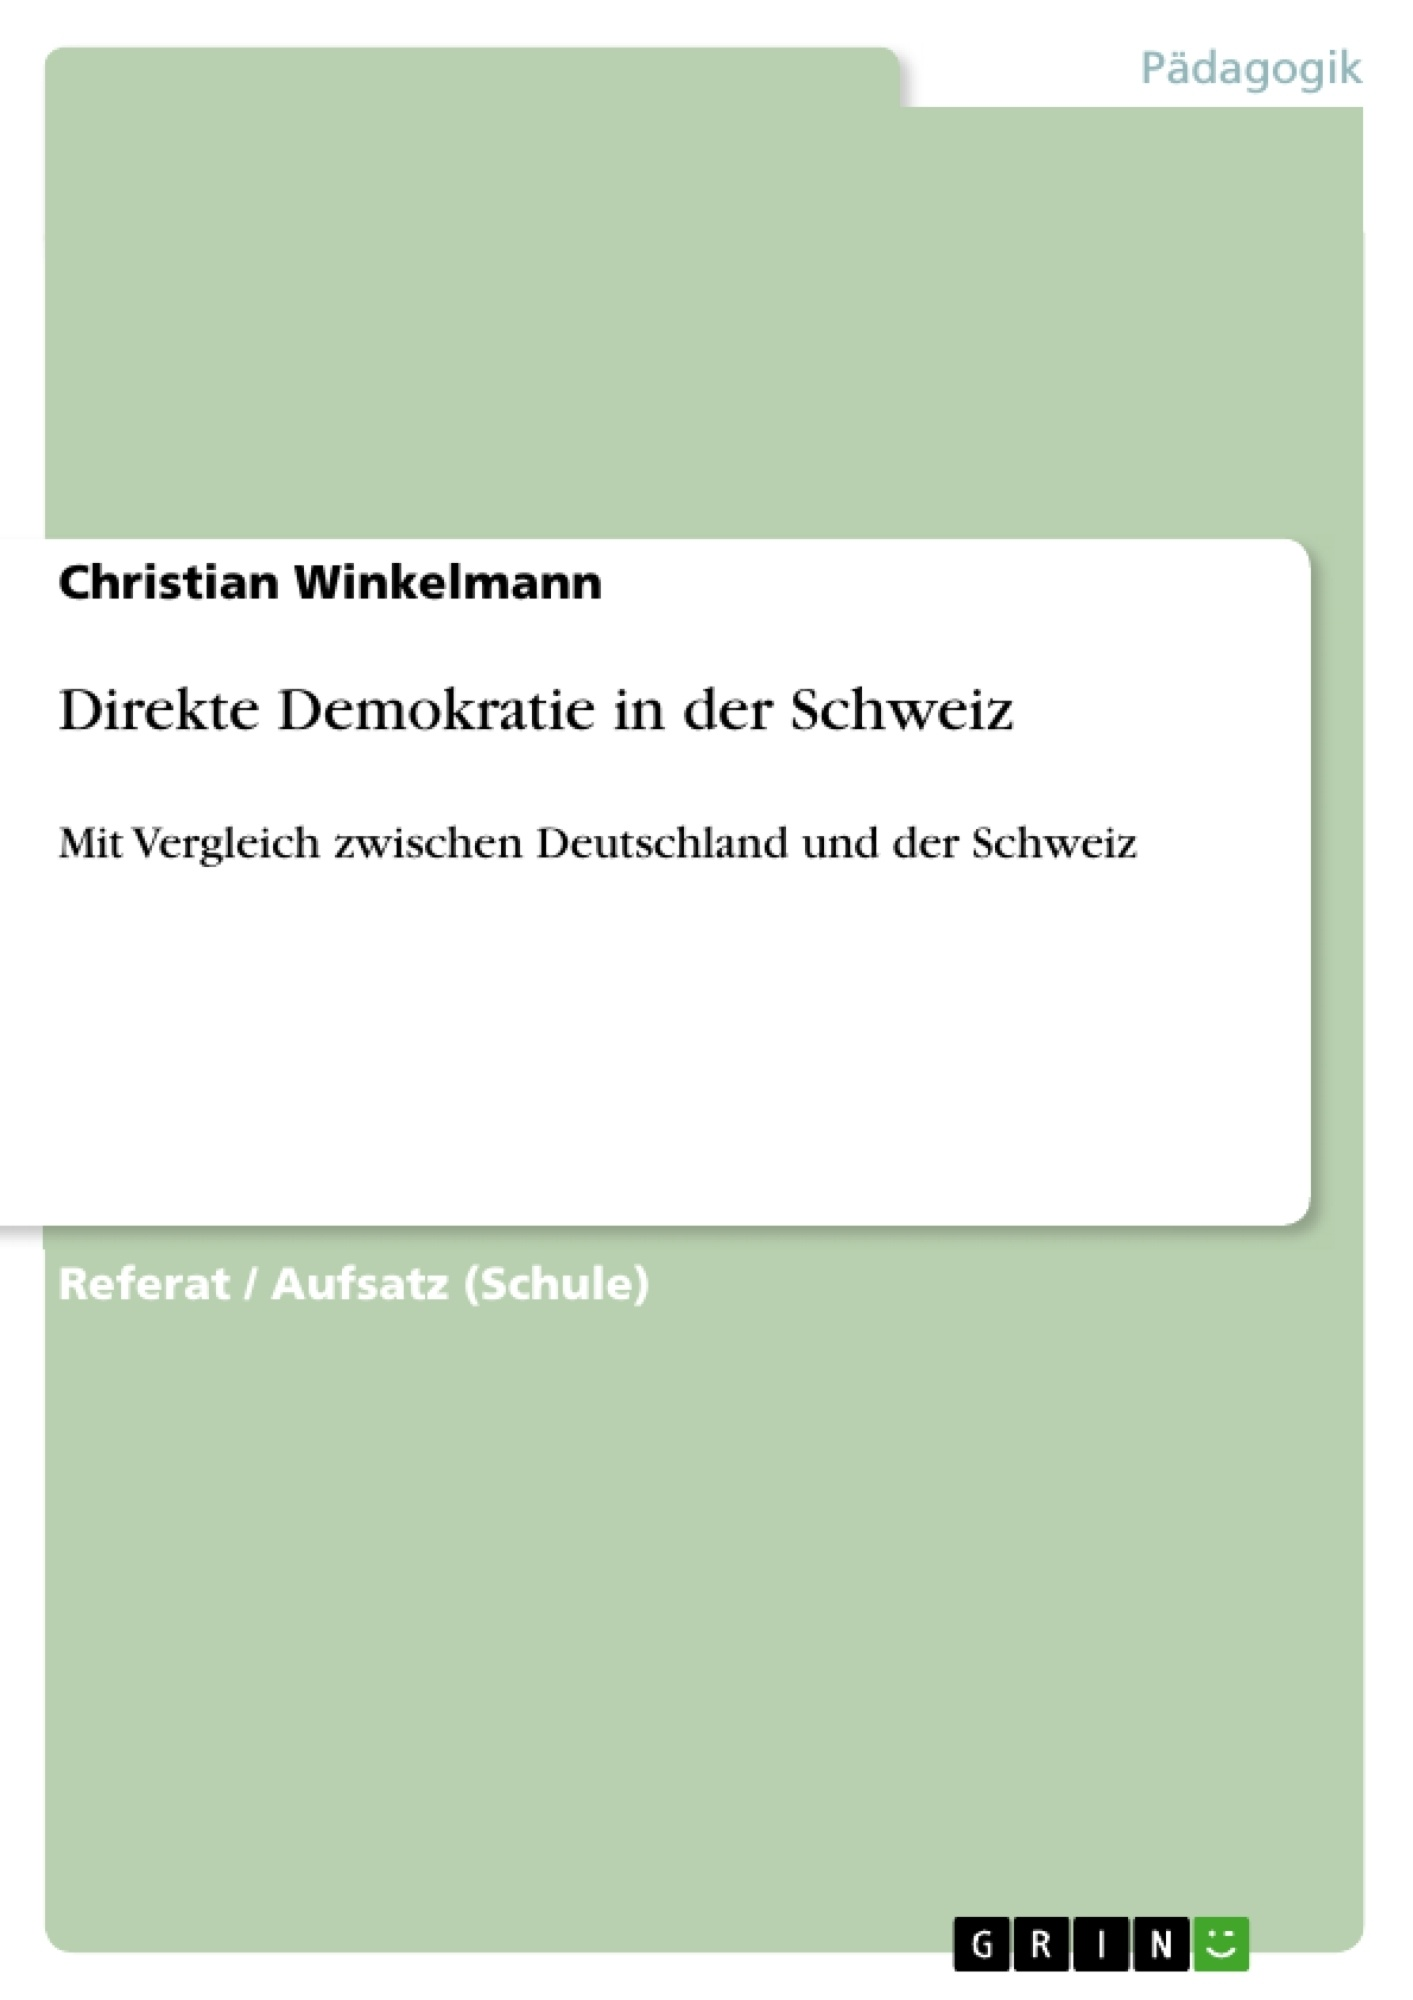 Titel: Direkte Demokratie in der Schweiz